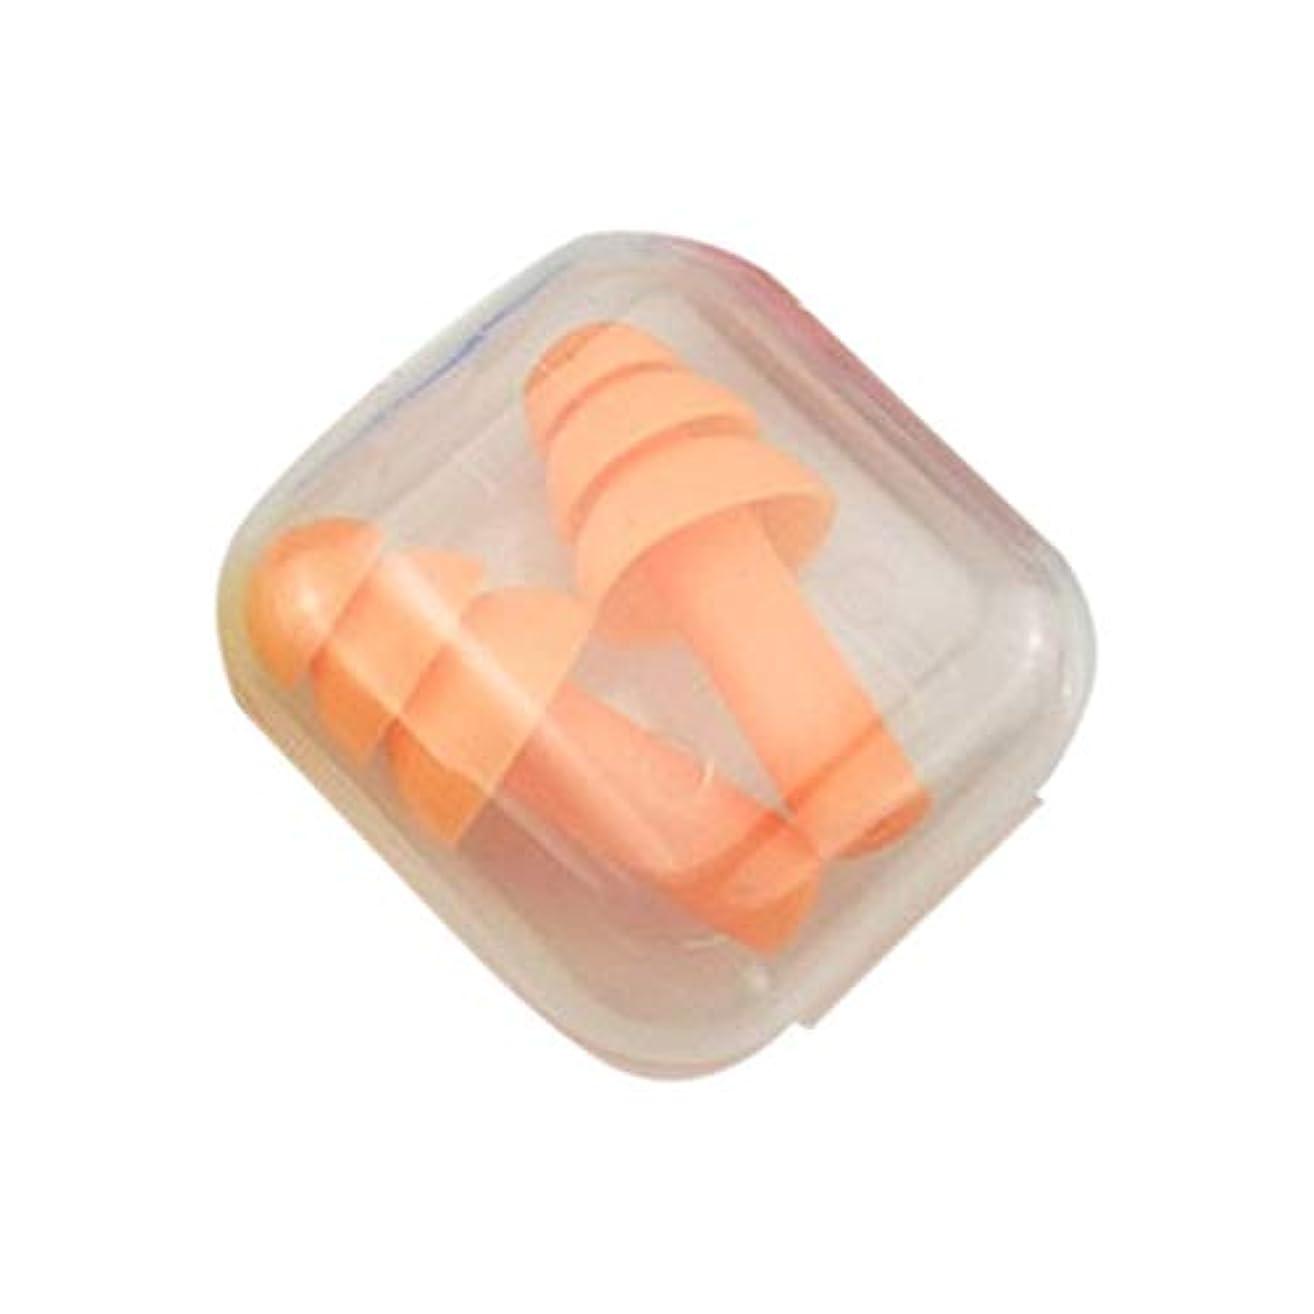 こどもセンター誠意許容柔らかいシリコーンの耳栓遮音用耳の保護用の耳栓防音睡眠ボックス付き収納ボックス - オレンジ